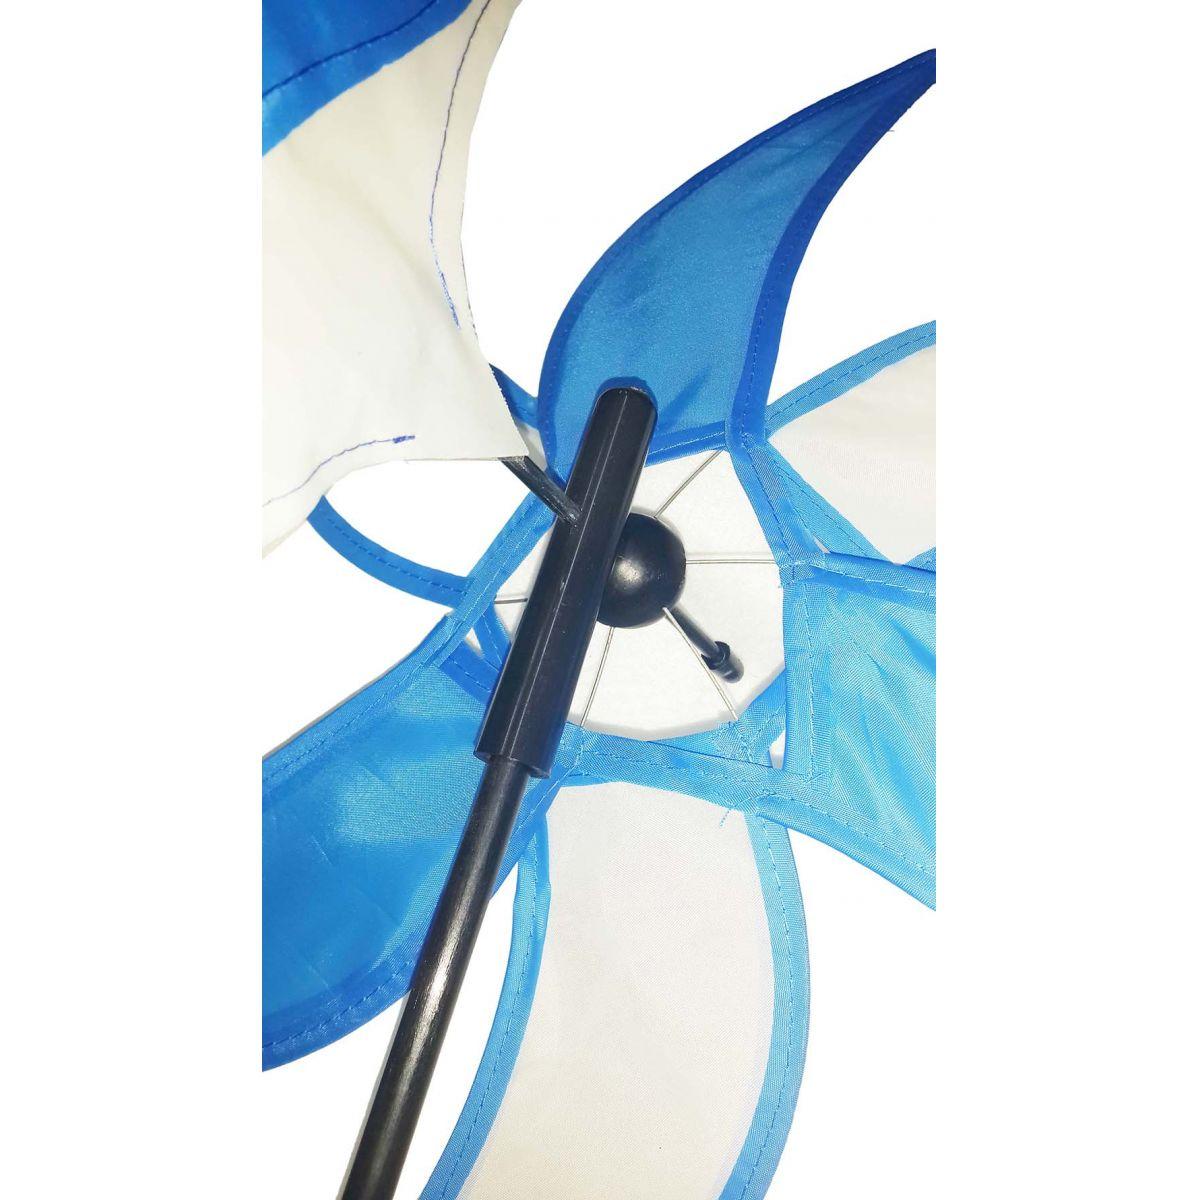 Catavento Modelo Peixe Azul Jardim Casa Piscina Decoração Criança 40cm (CATA-8)